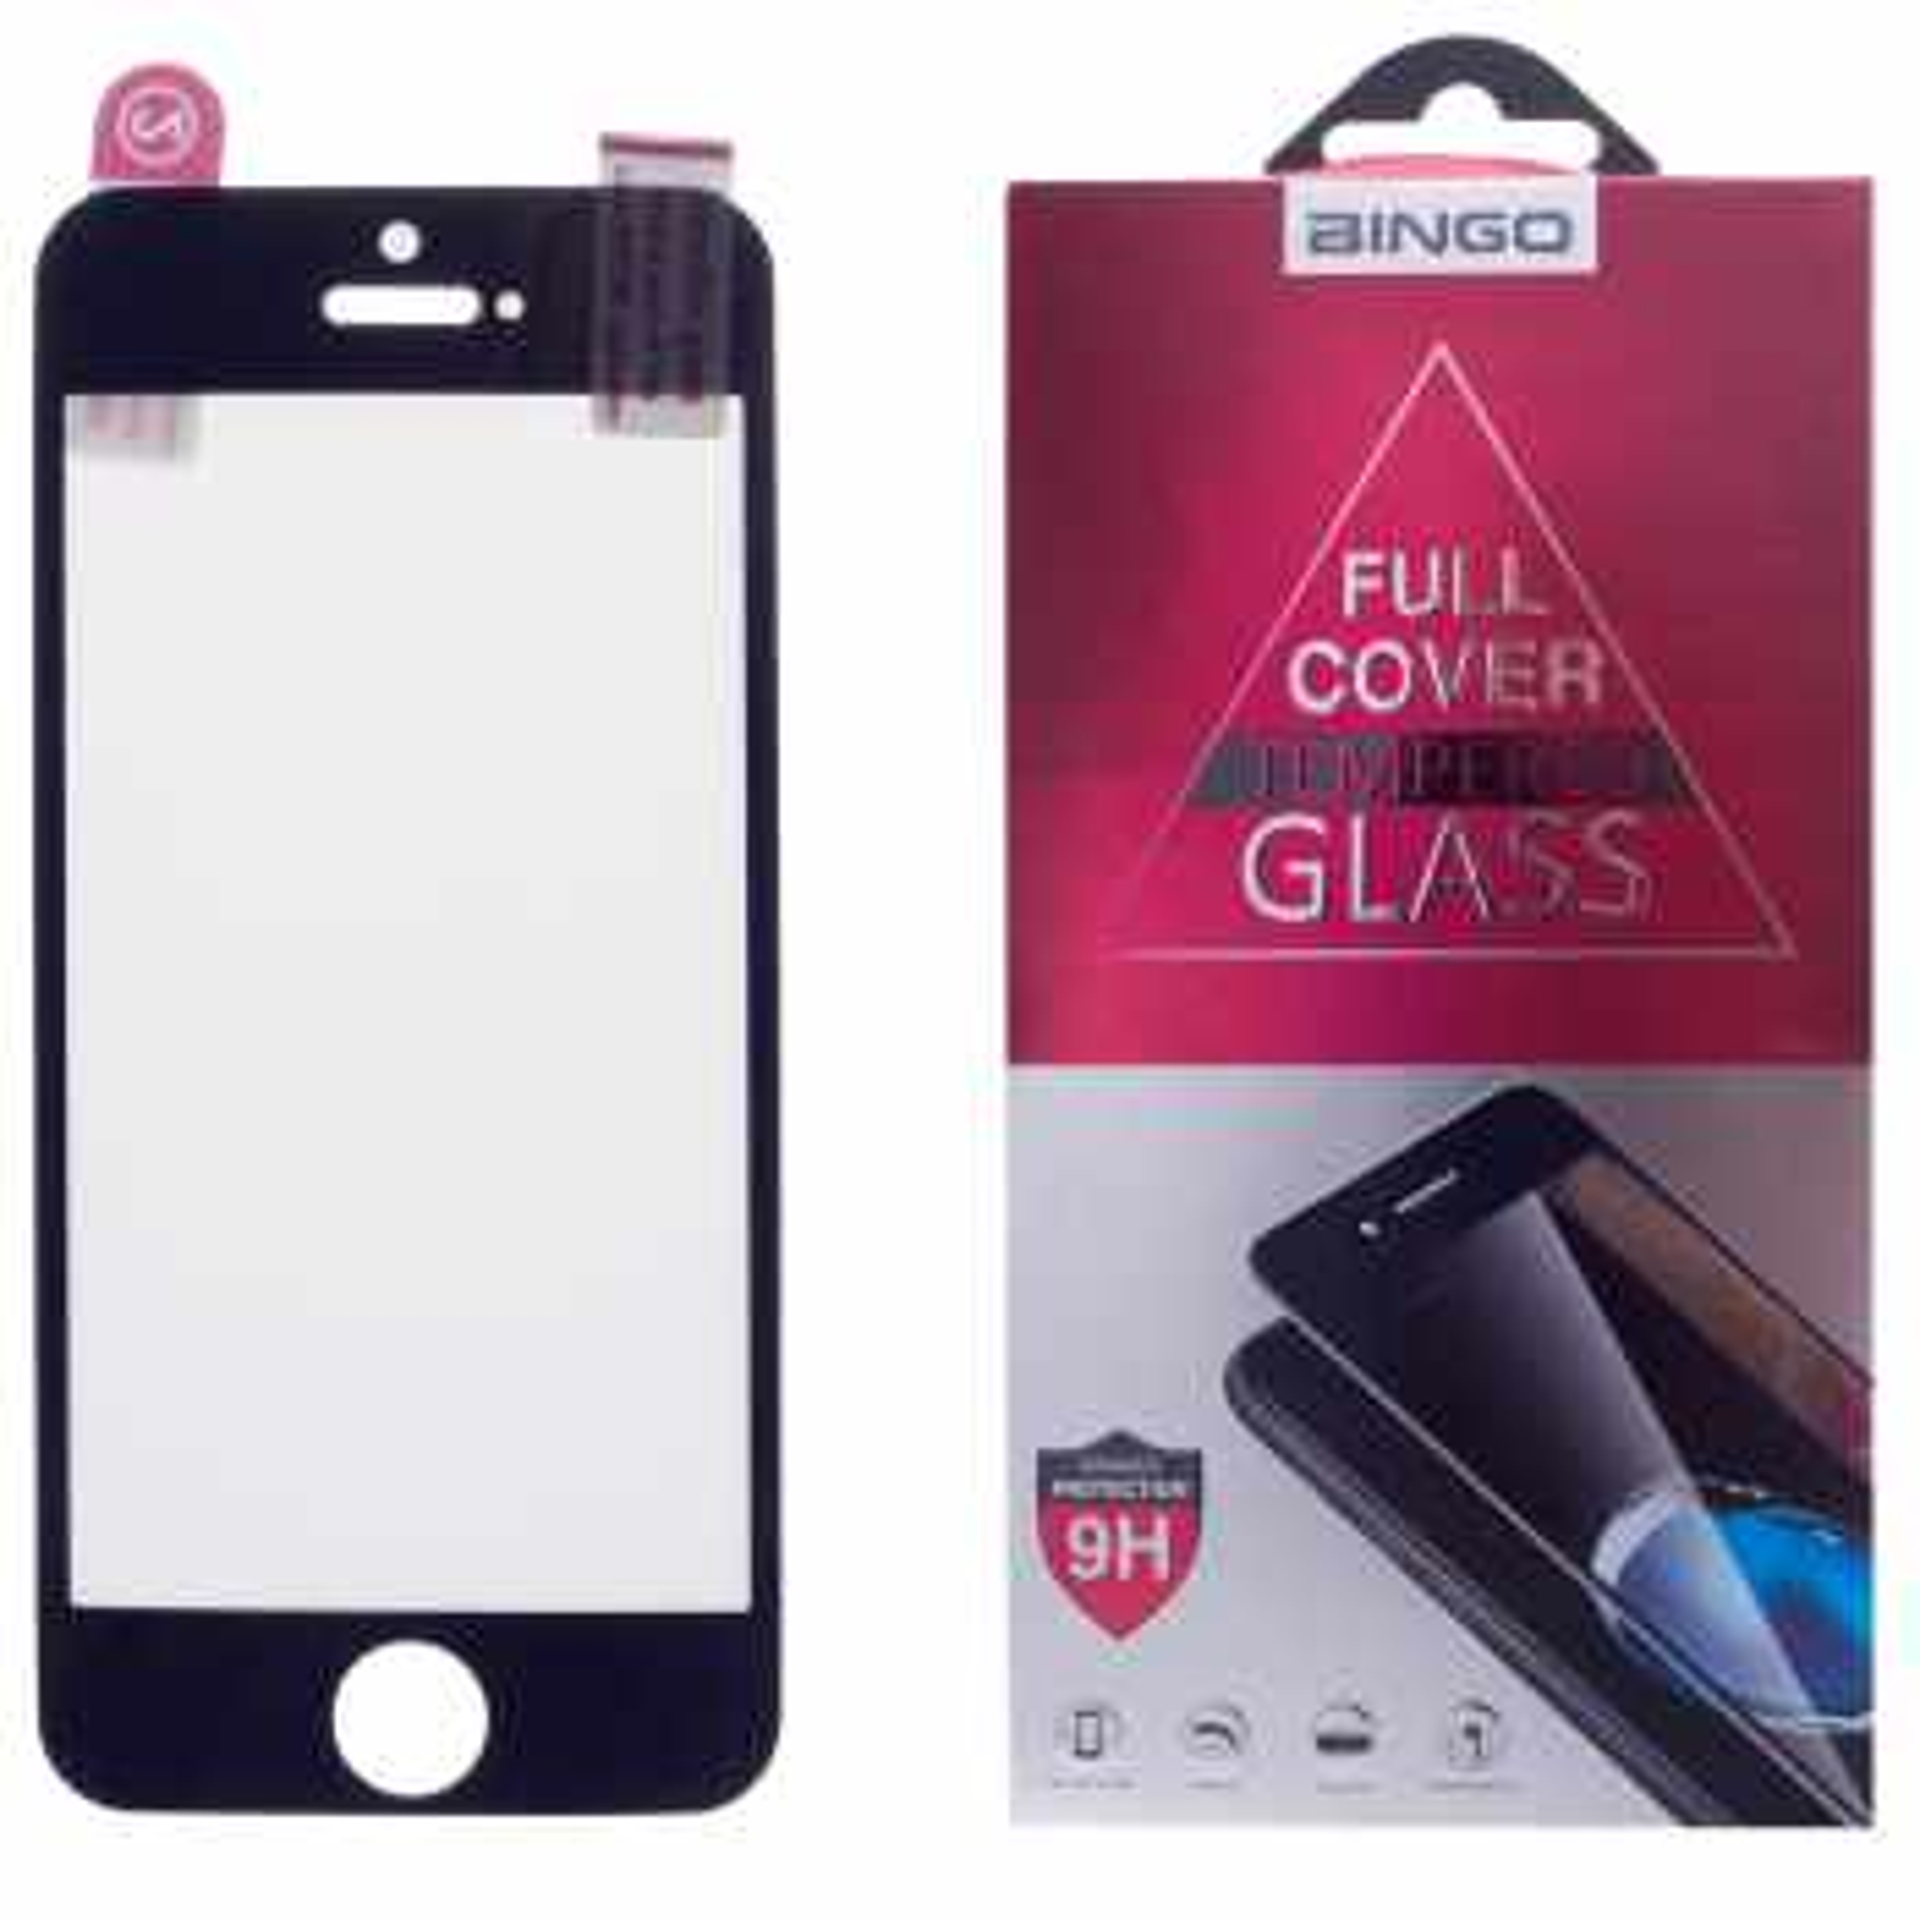 محافظ صفحه نمایش بینگو مدل Zengelachoo  مناسب برای گوشی موبایل اپل iPhone 5